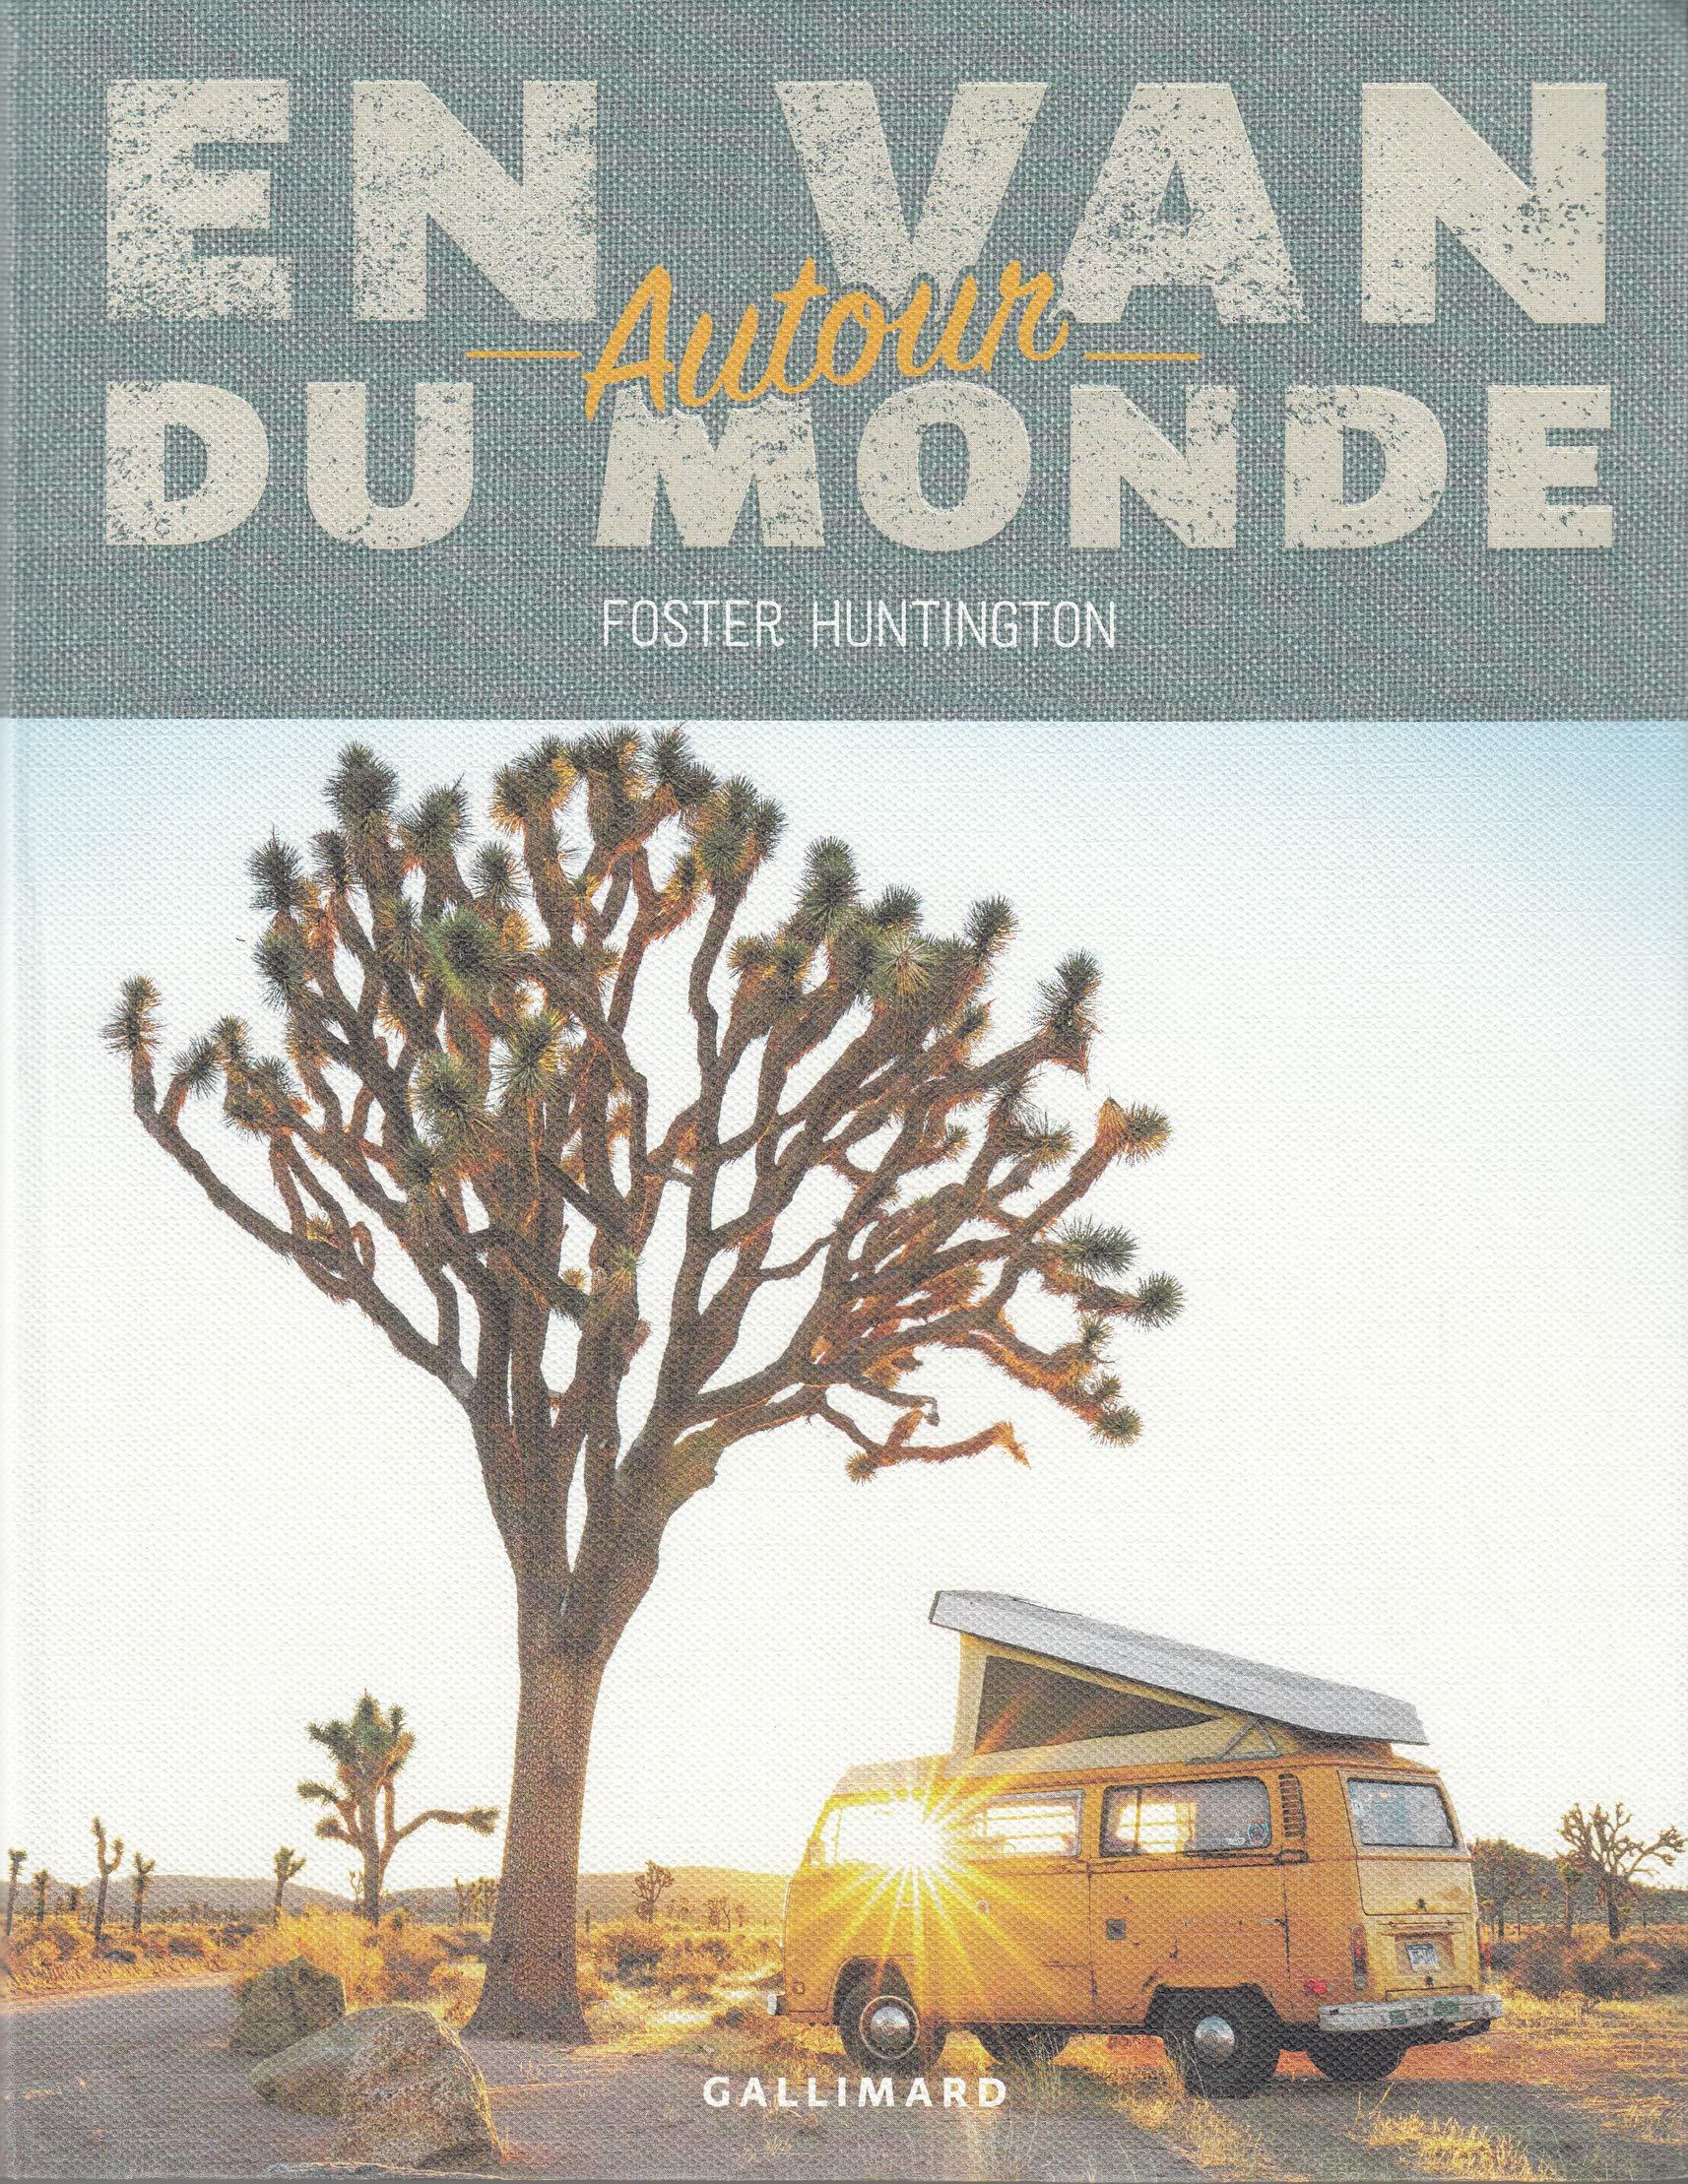 En van autour du monde par Foster Huntington